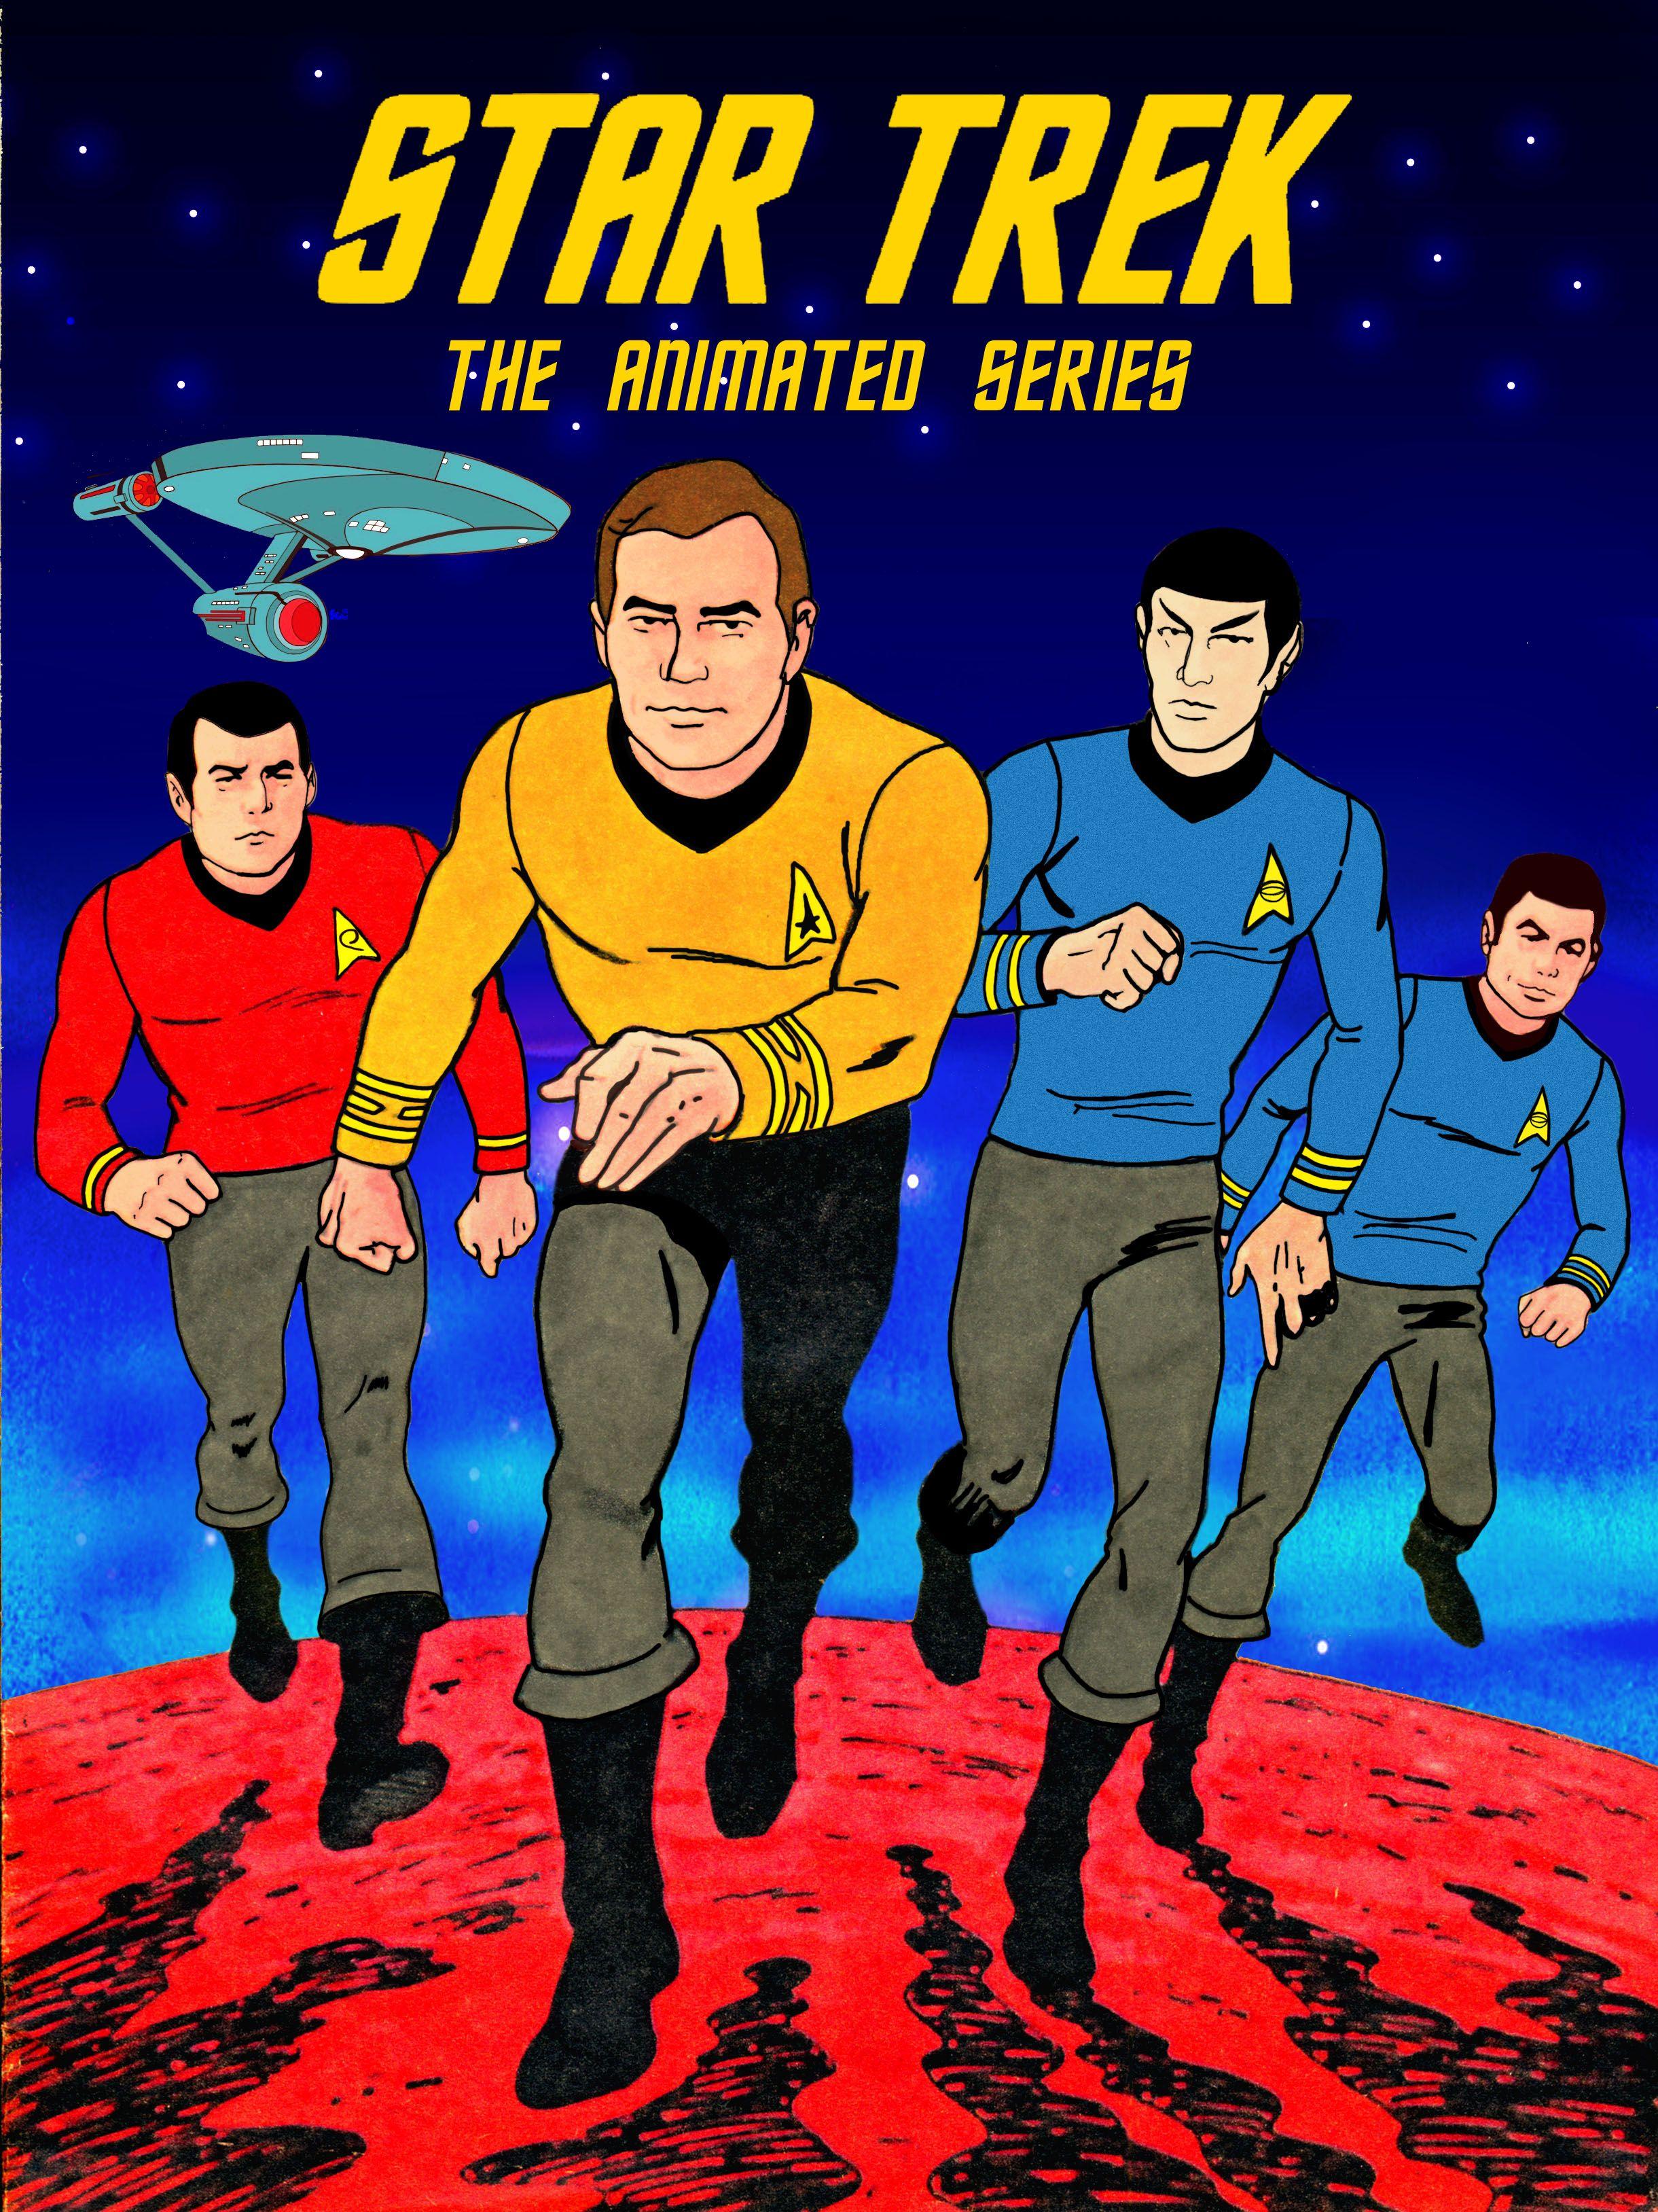 Star Trek: The Animated Series promo poster.   Star trek